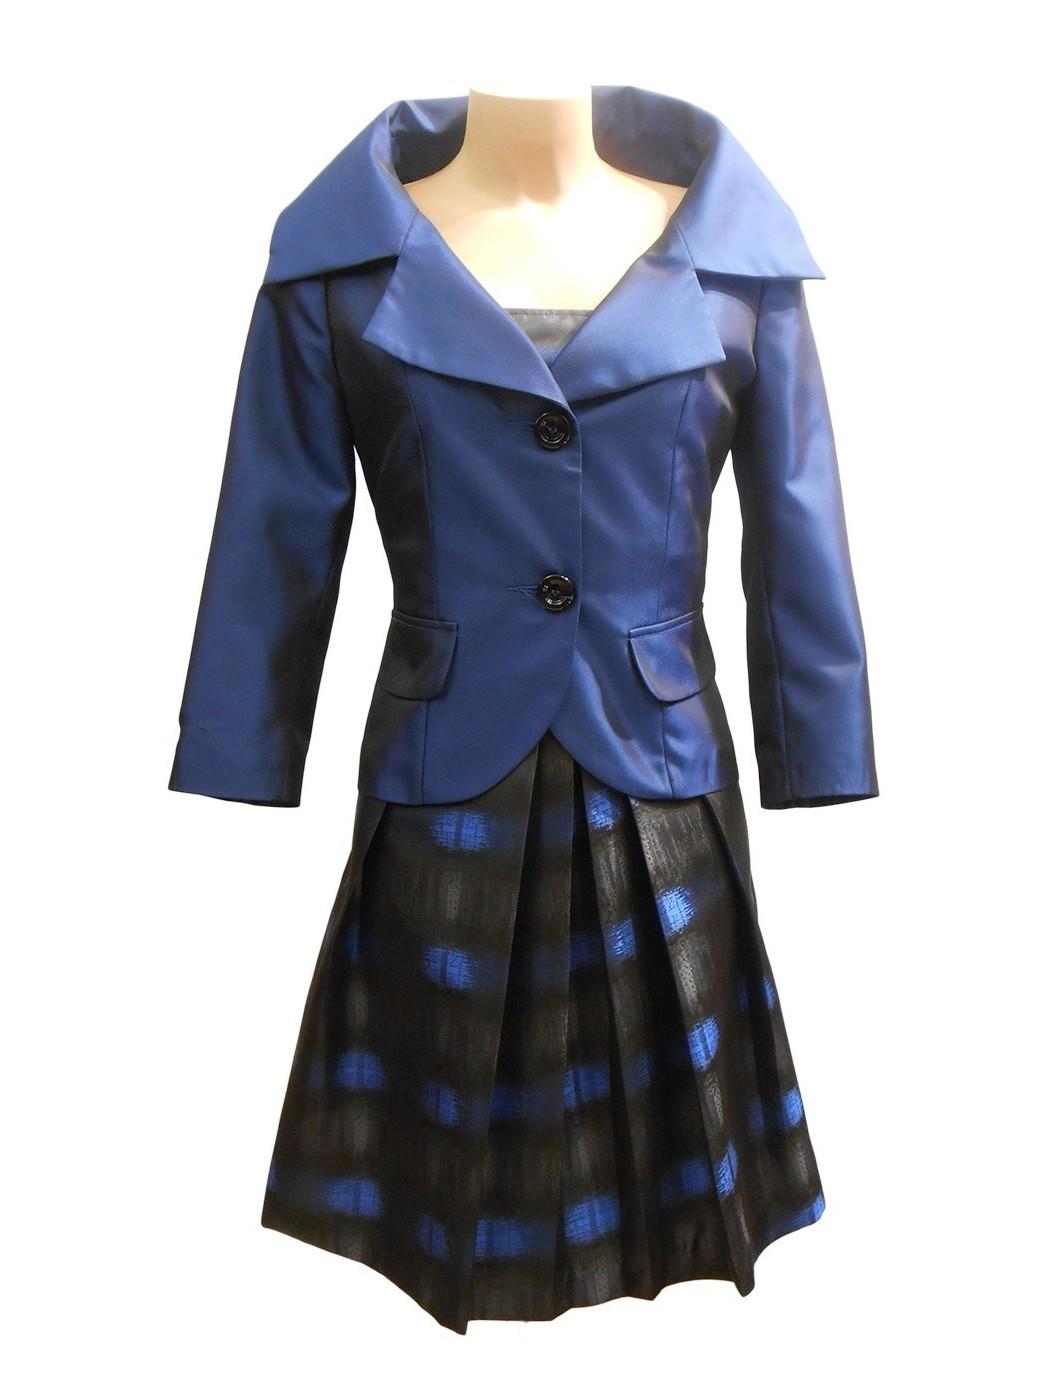 Eddy B jacket et robe.